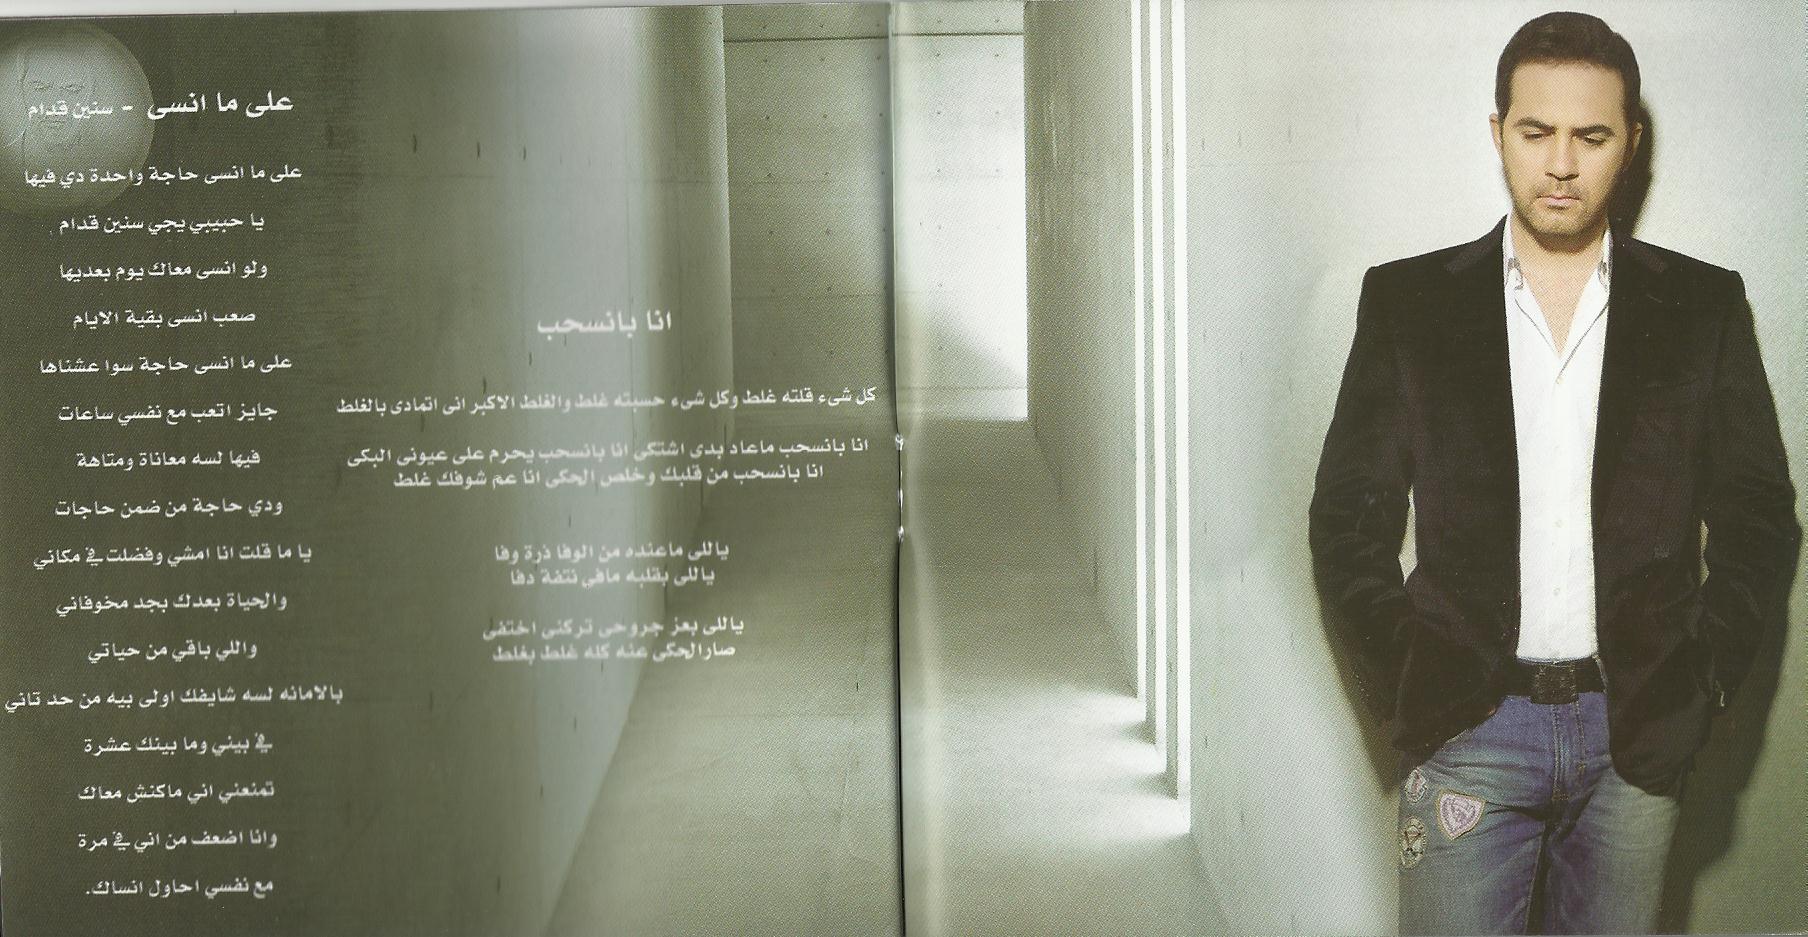 احدث واجمل بوسترات البوم النجم وائل جسار بعنوان سنين قدام 2013